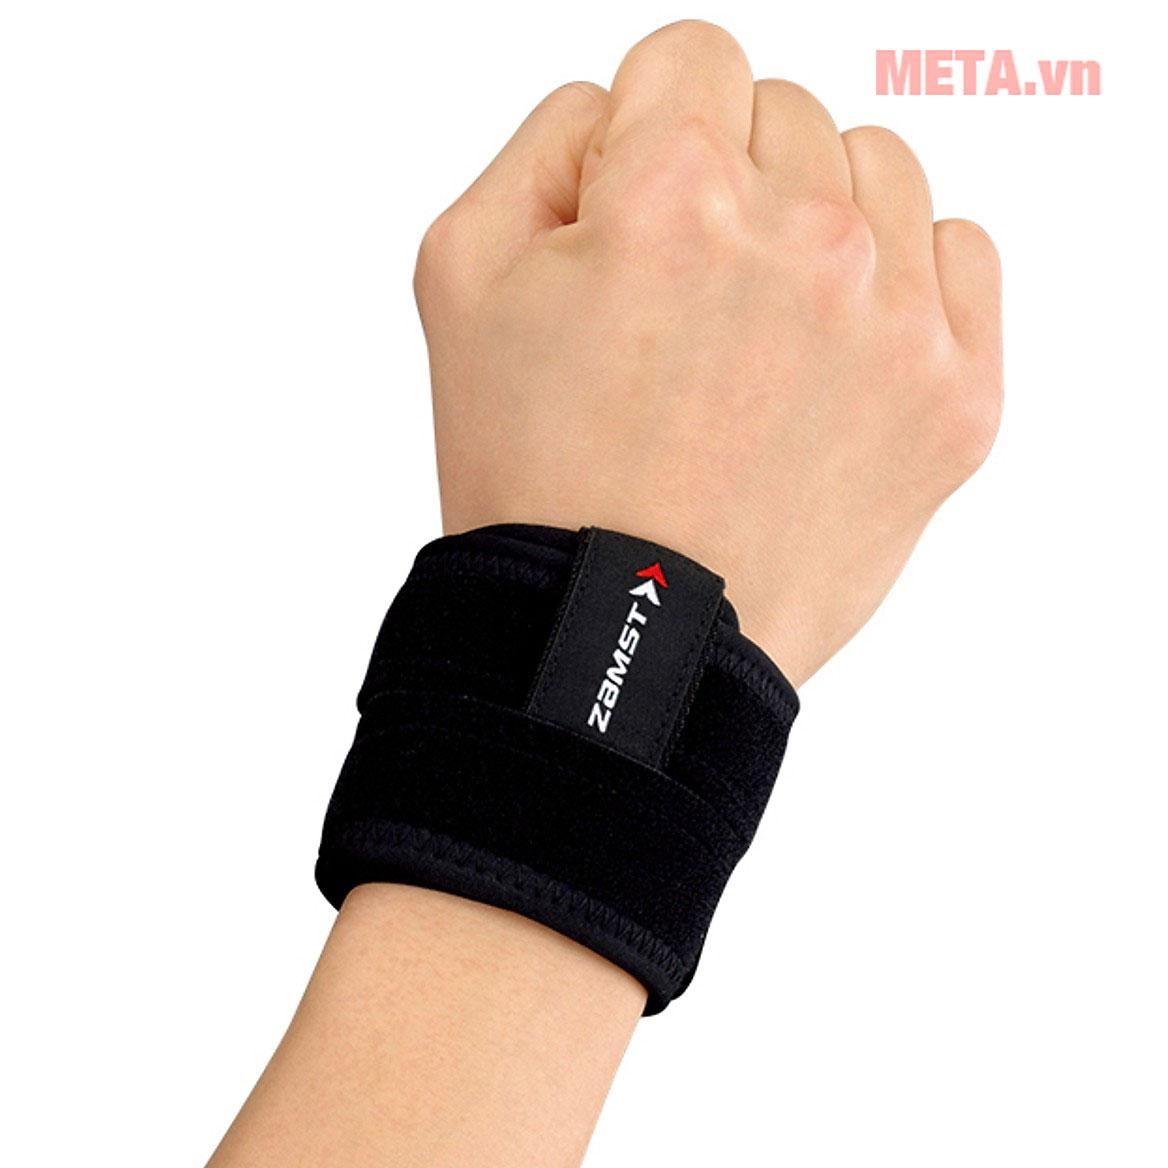 Hình ảnh đai bảo vệ cổ tay Zamst